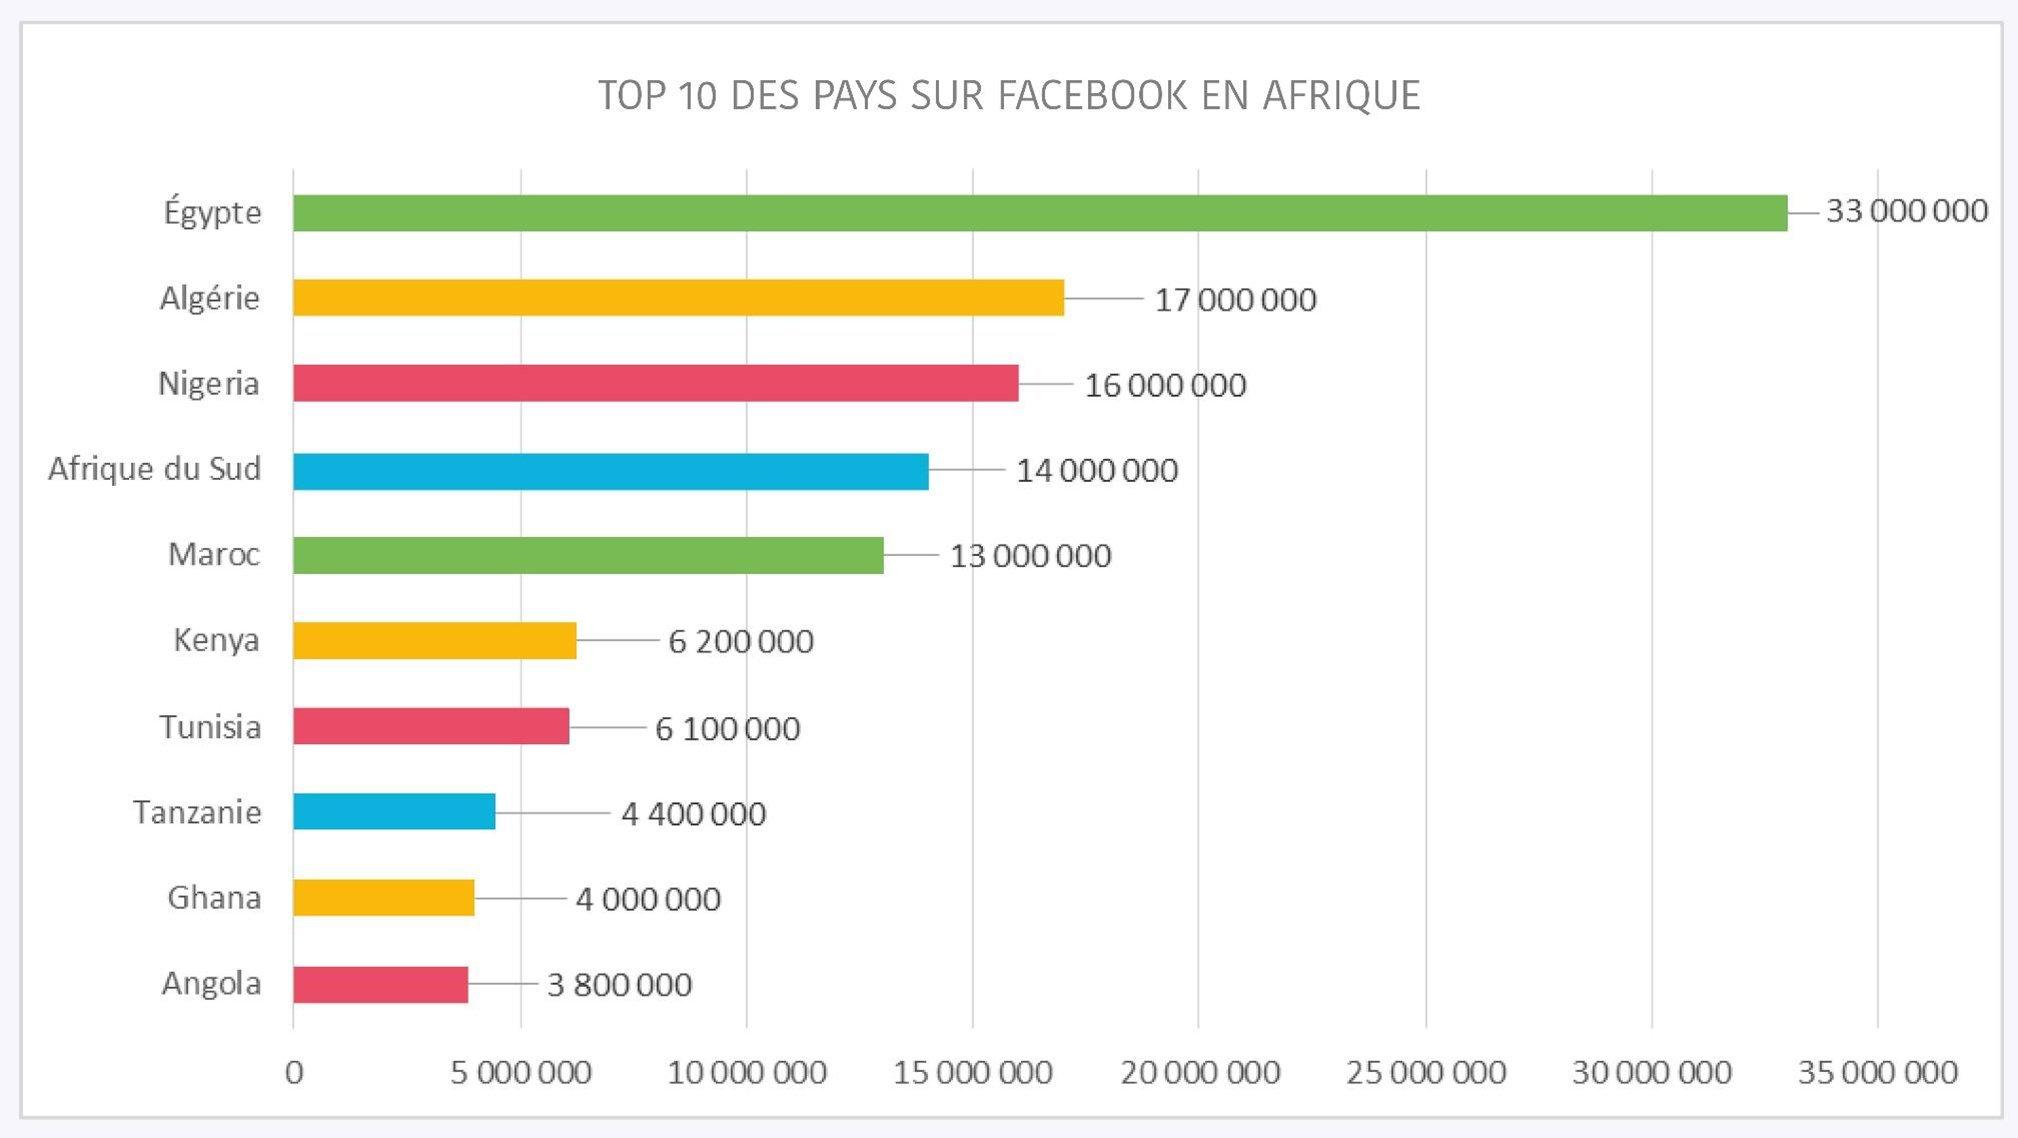 top 10 des pays africains sur fb